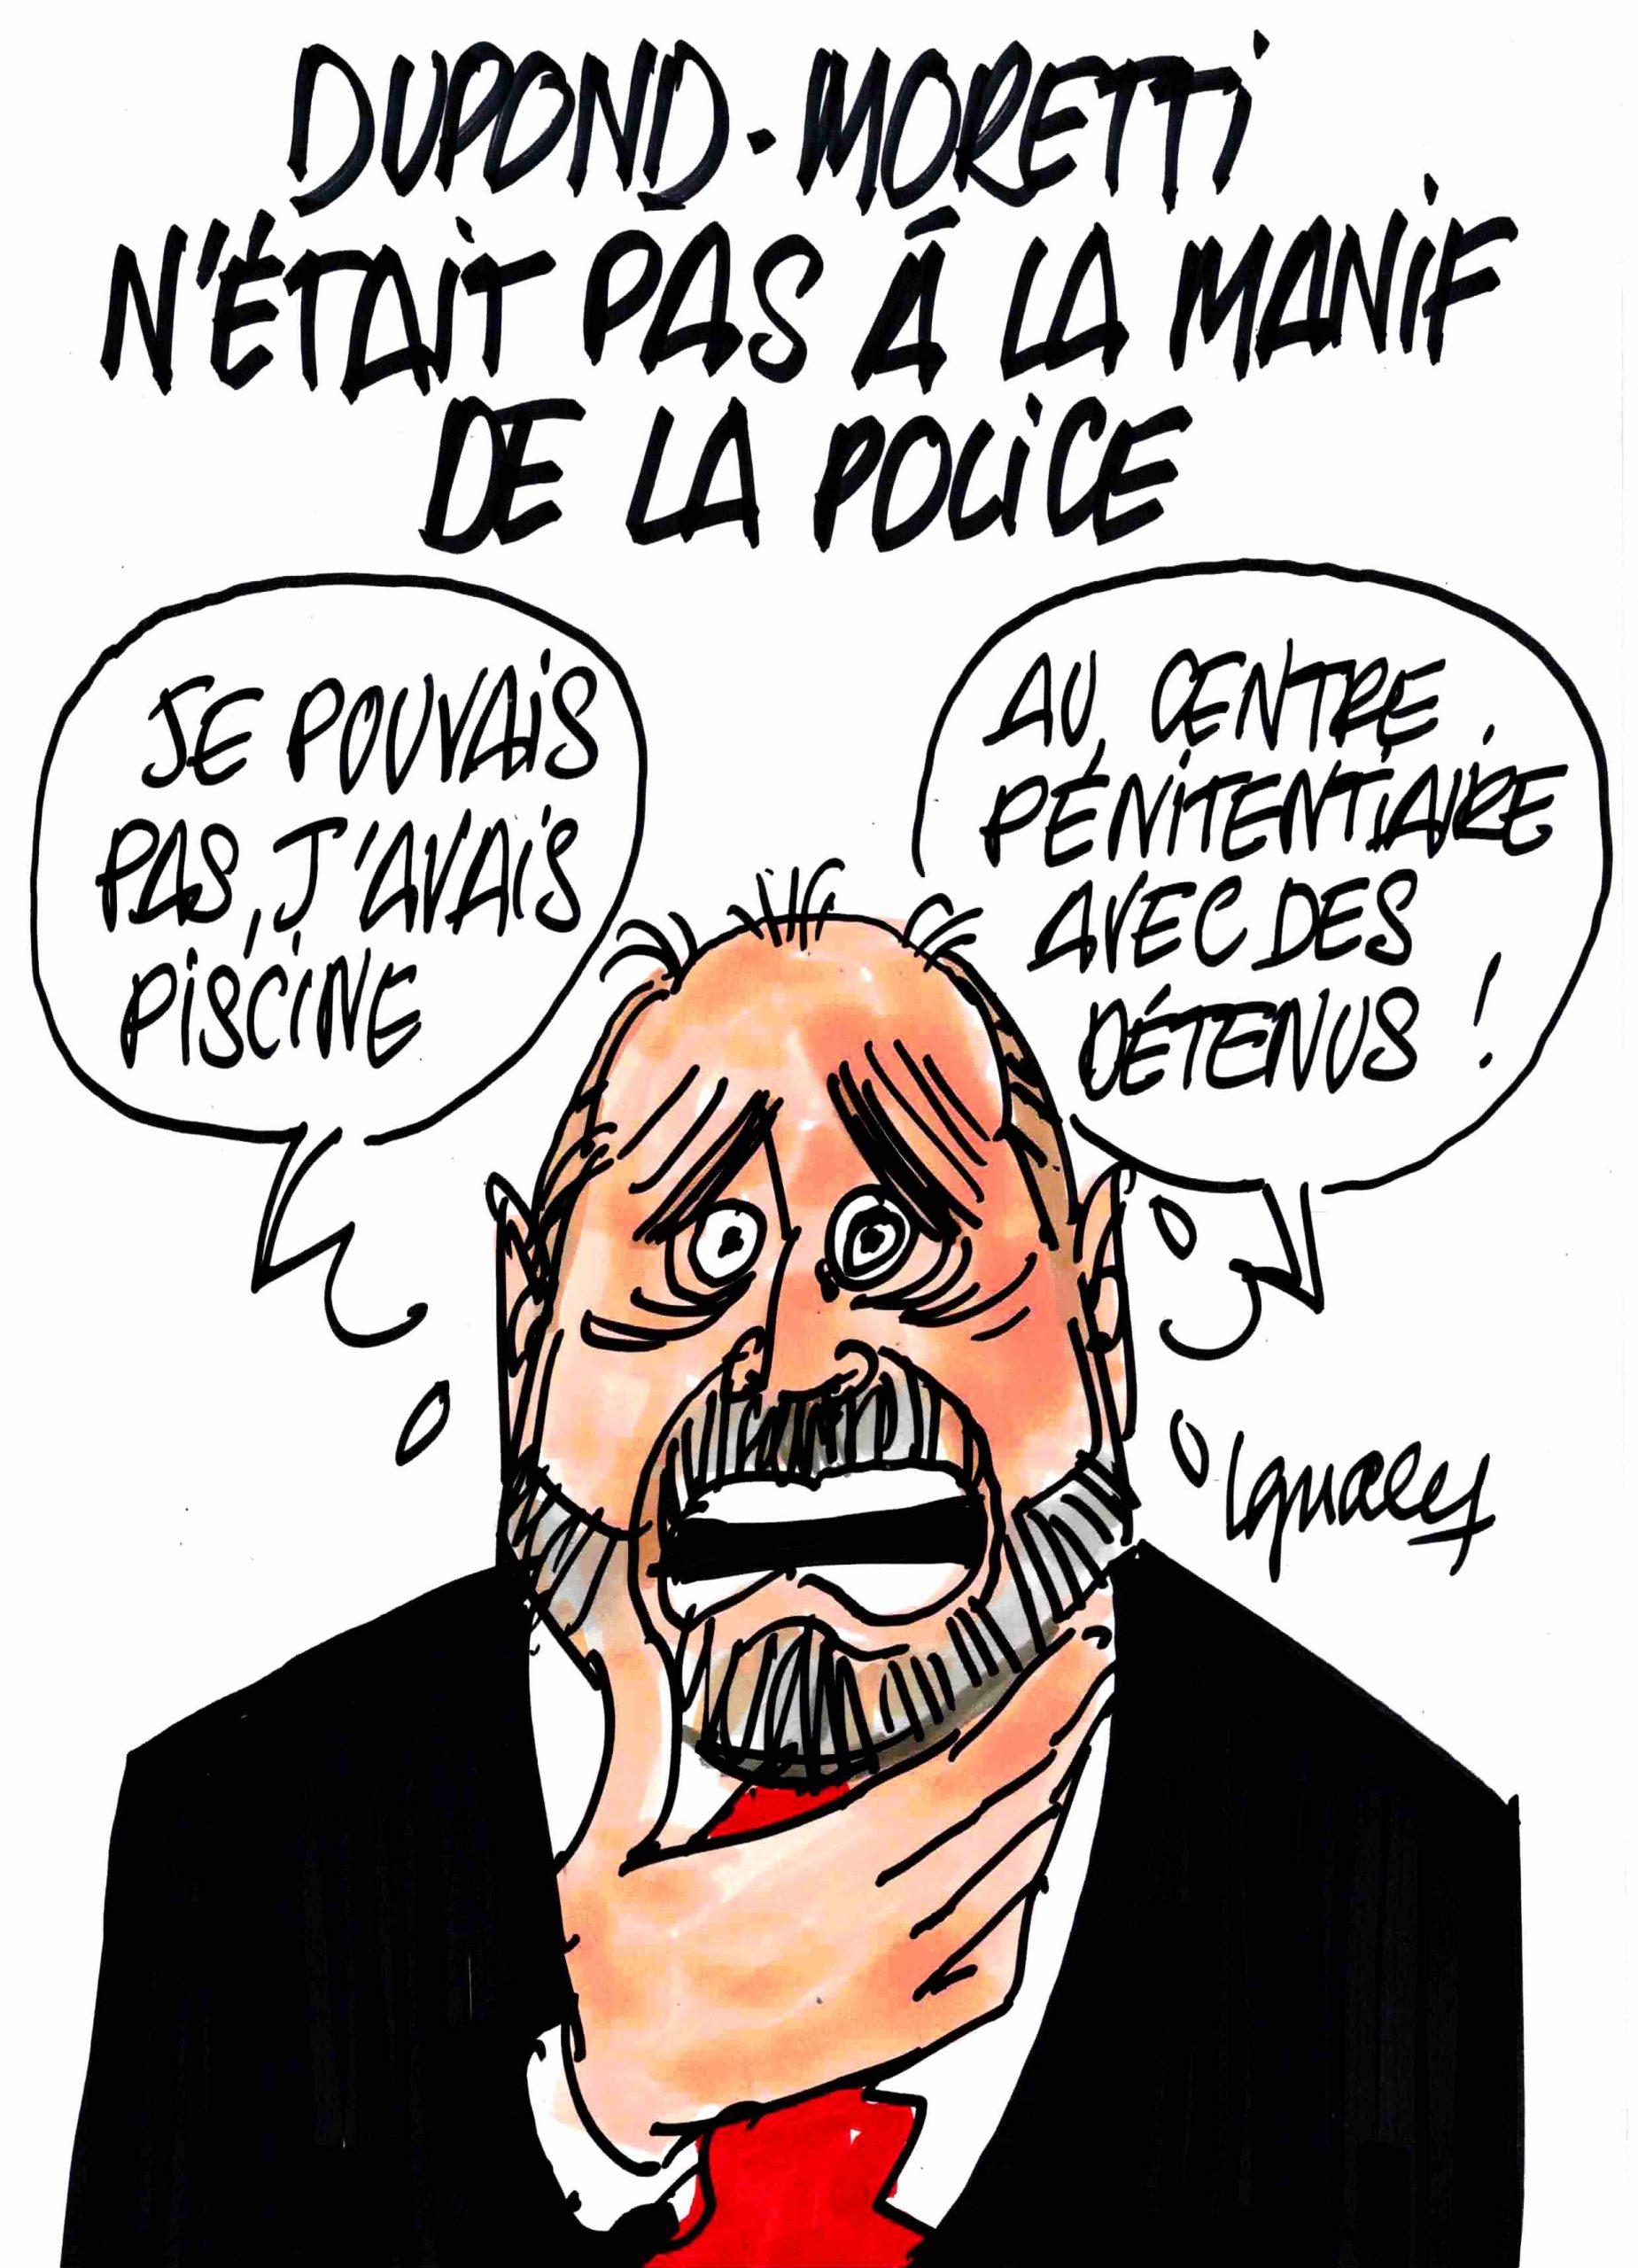 Ignace - Dupond-Moretti n'était pas à la manif de la police